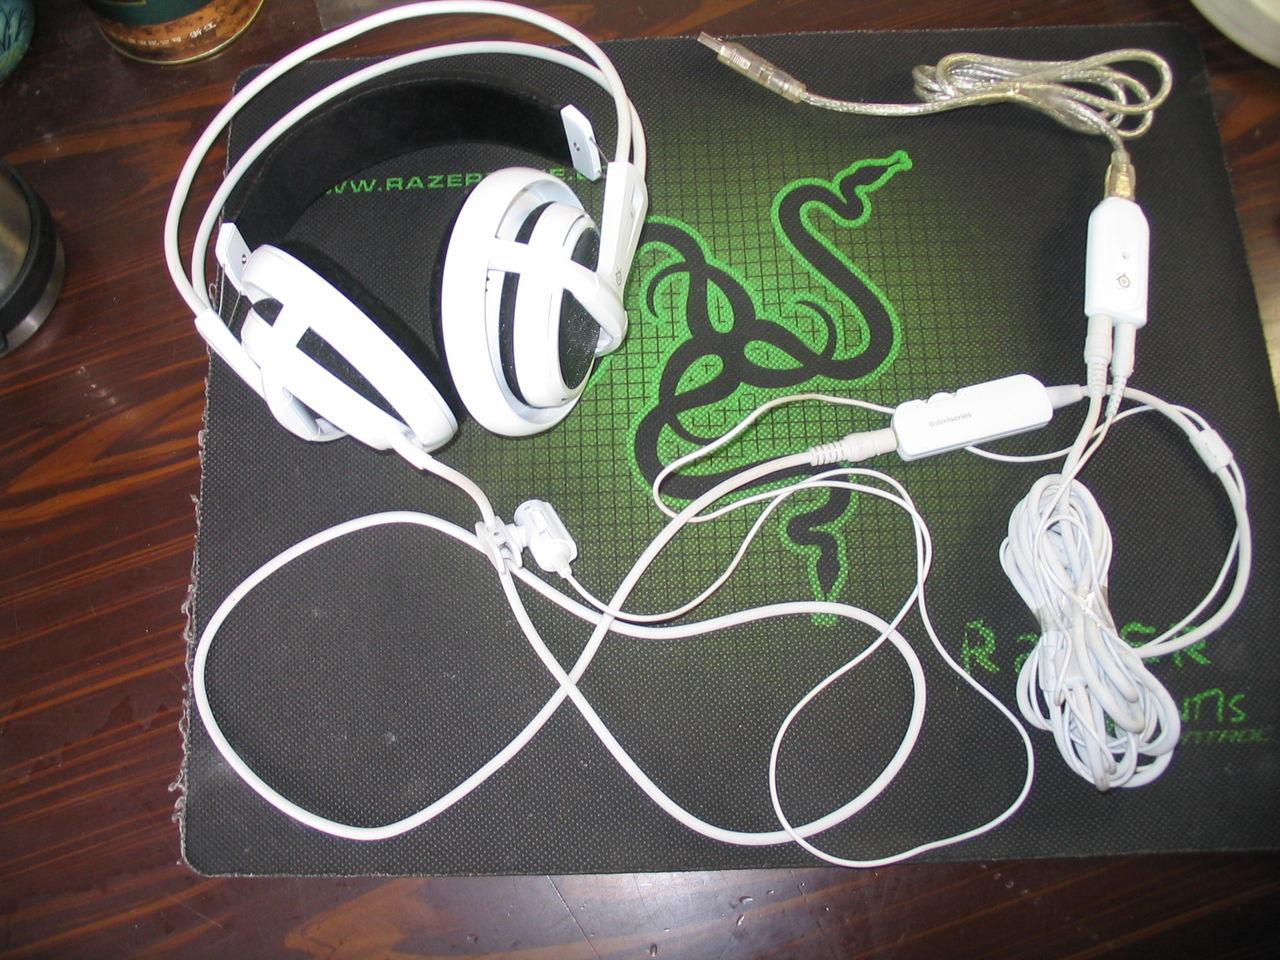 转让 cs cf神器 带声卡全套白色西伯利亚耳机 450元 高清图片